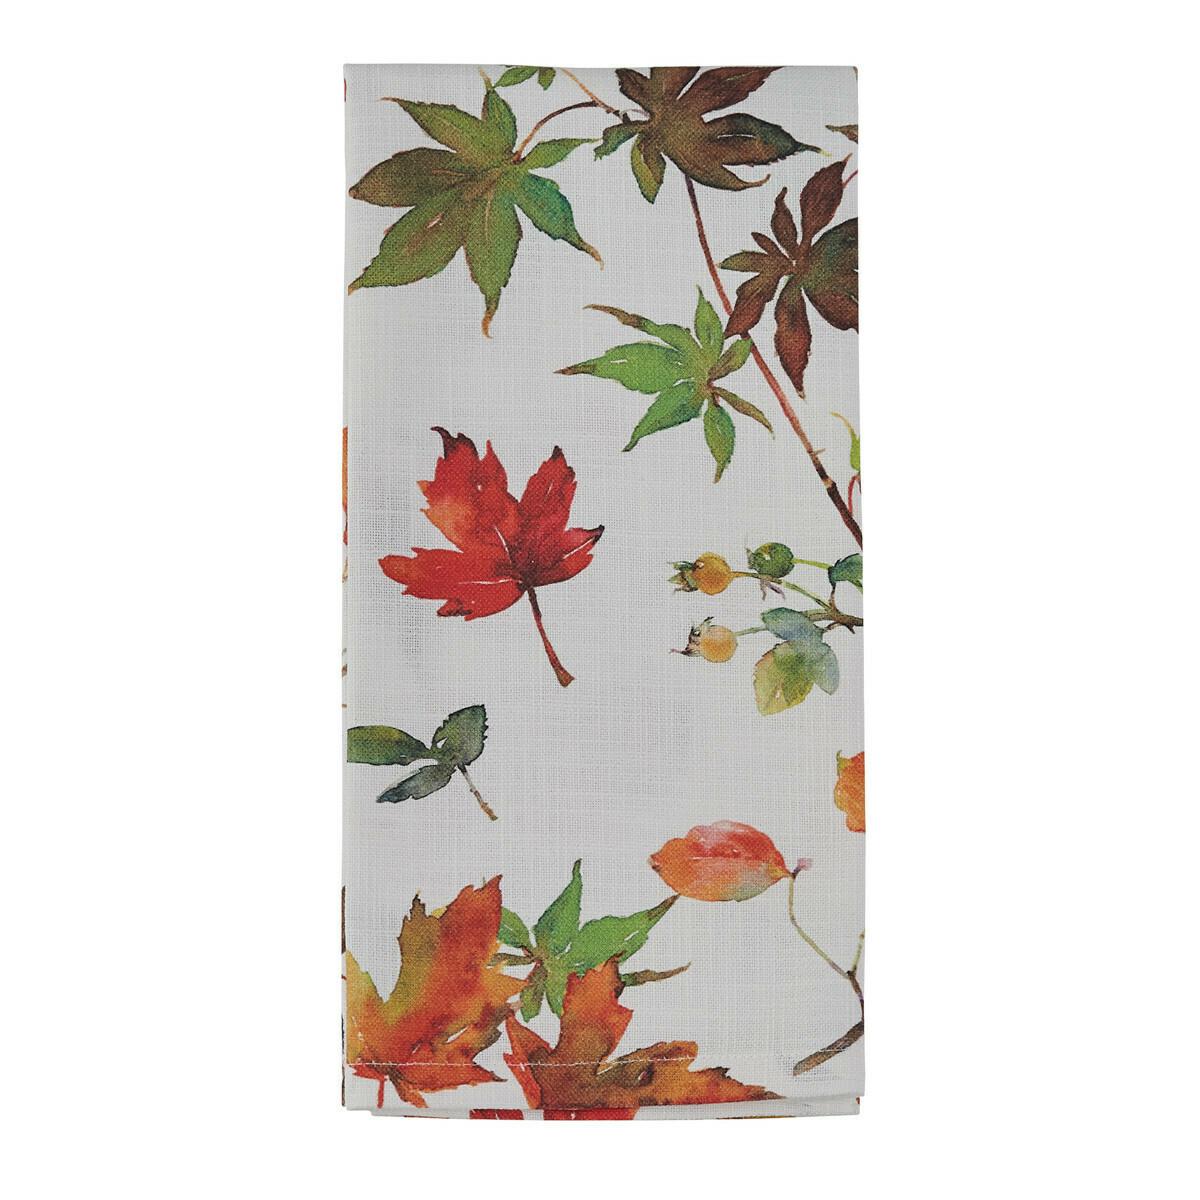 Falling Leaves Printed Towel